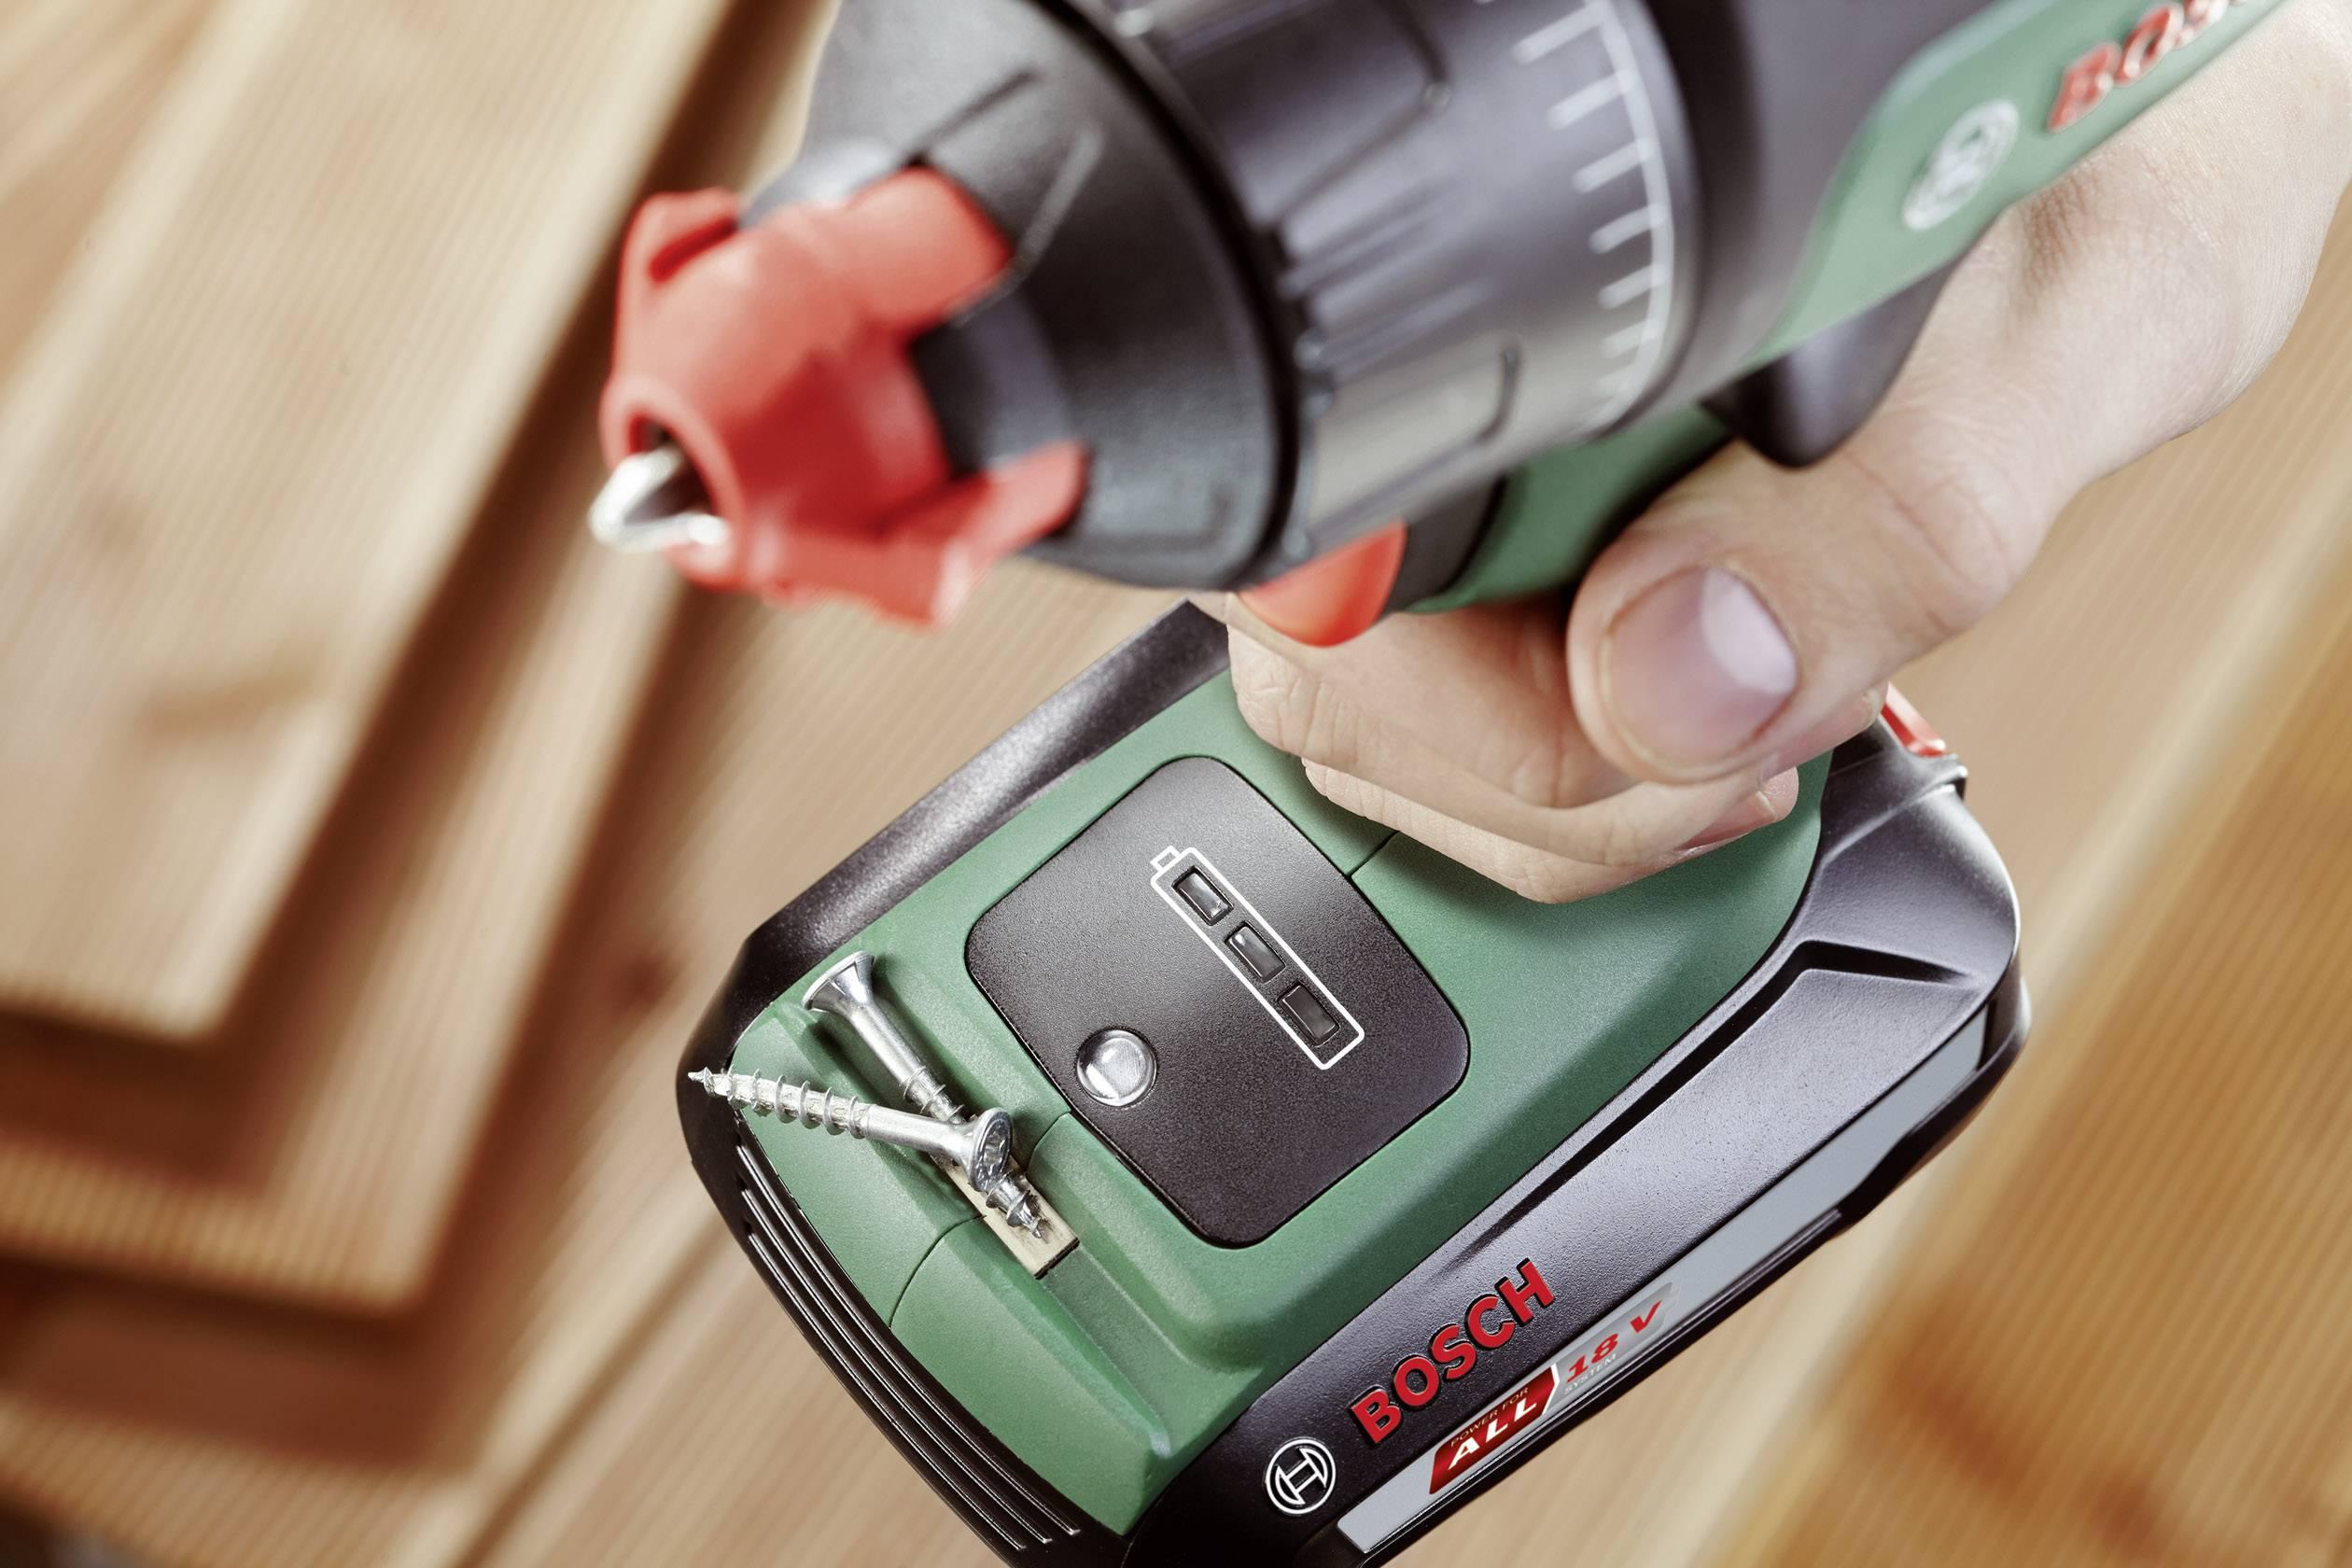 Akupríklepová vŕtačka Bosch Home and Garden AdvancedImpact 18 06039A3400, 18 V, 1.5 Ah, Li-Ion akumulátor